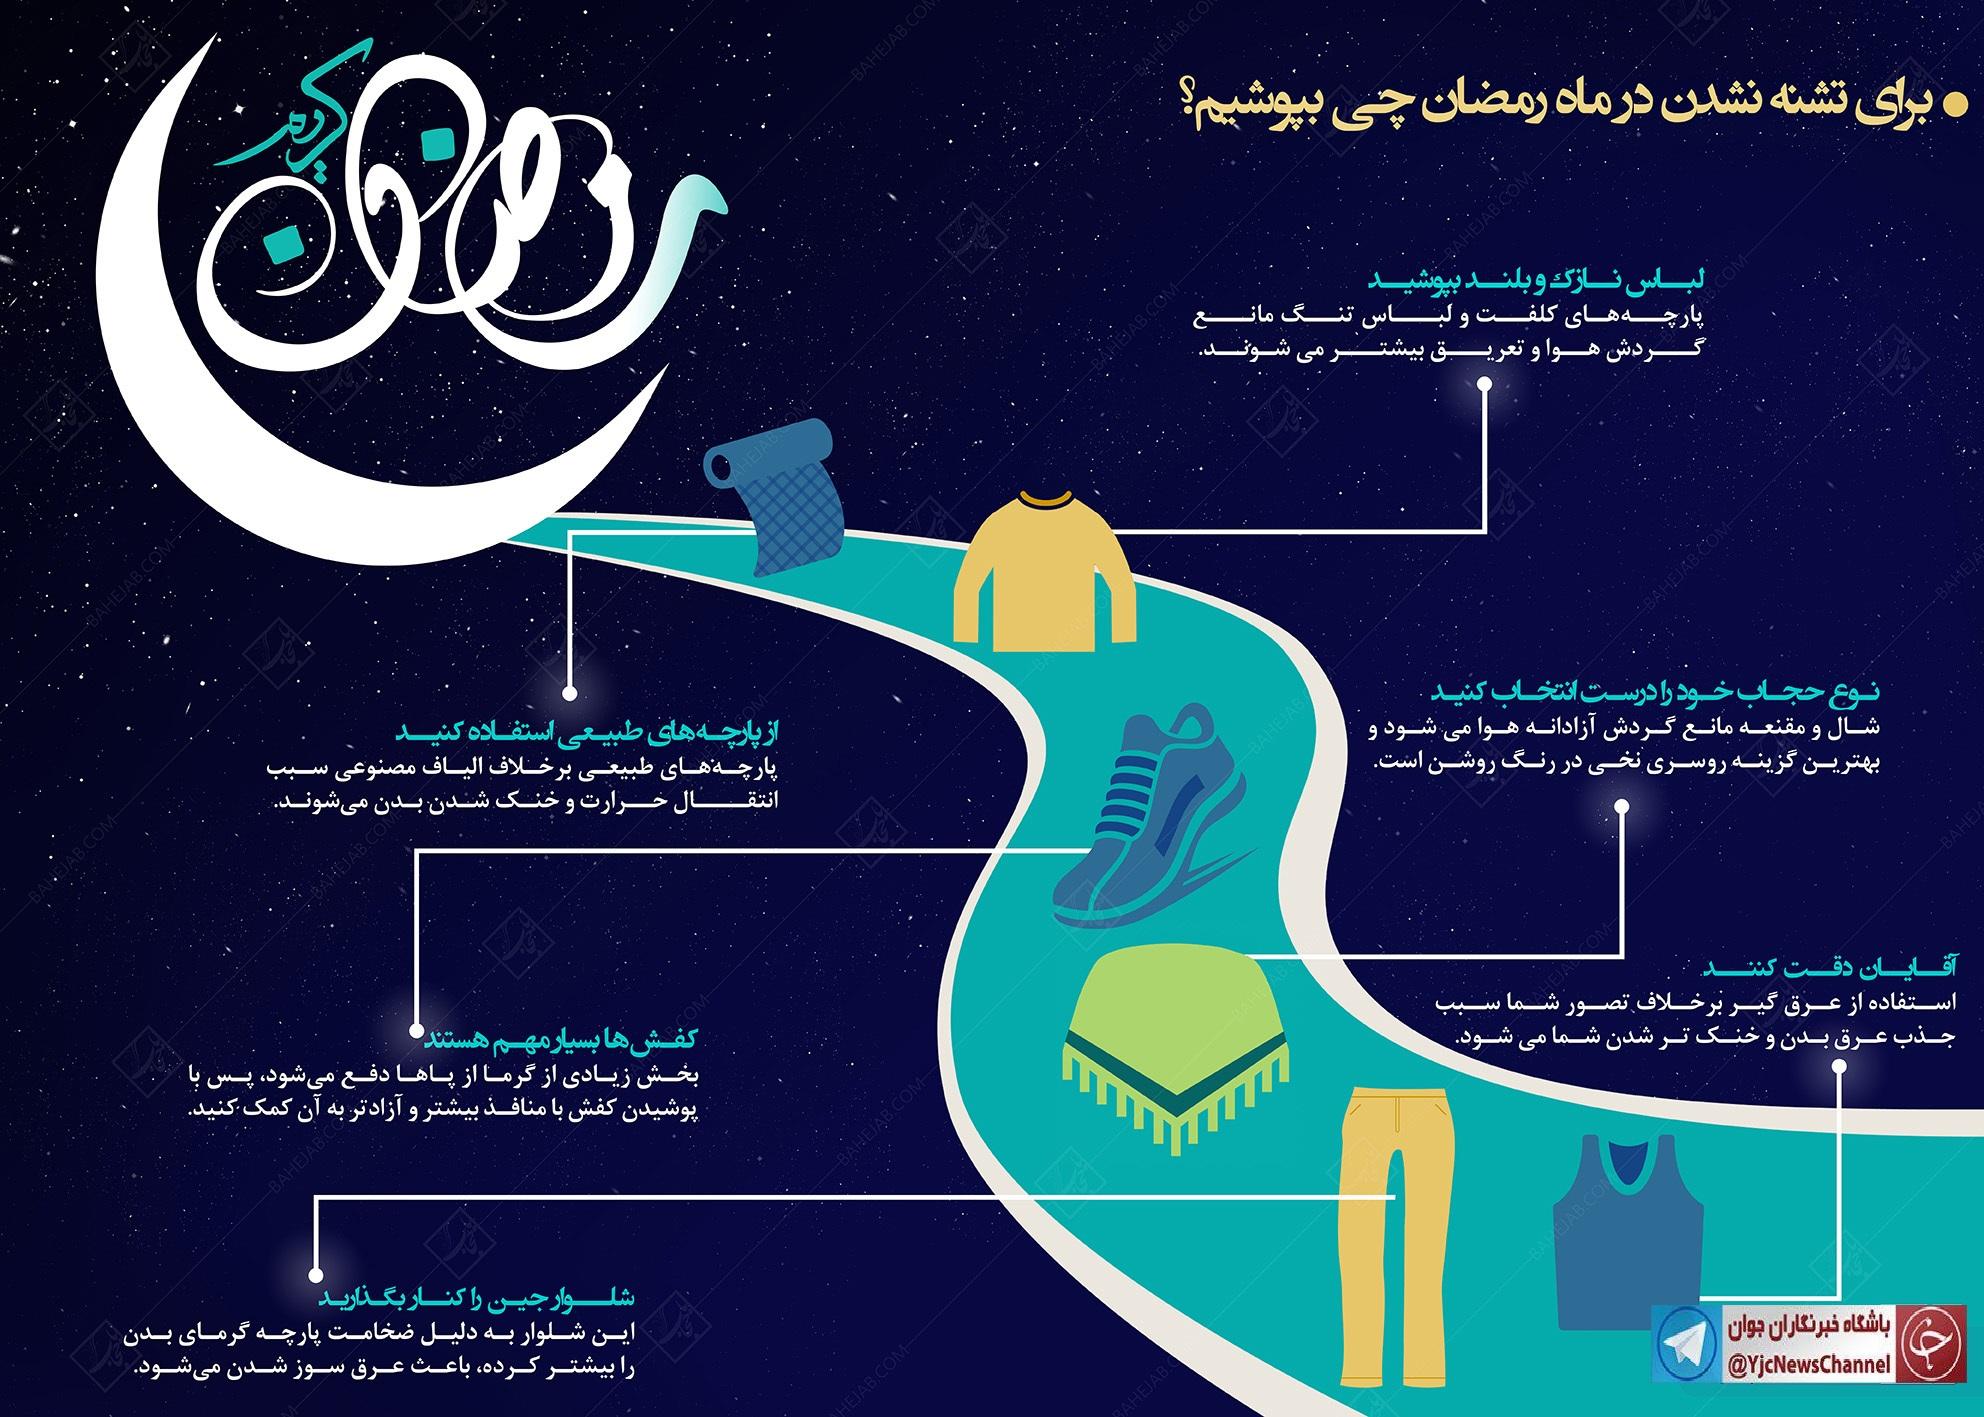 برای تشنه نشدن در ماه رمضان چی بپوشیم؟ / اینفوگرافی